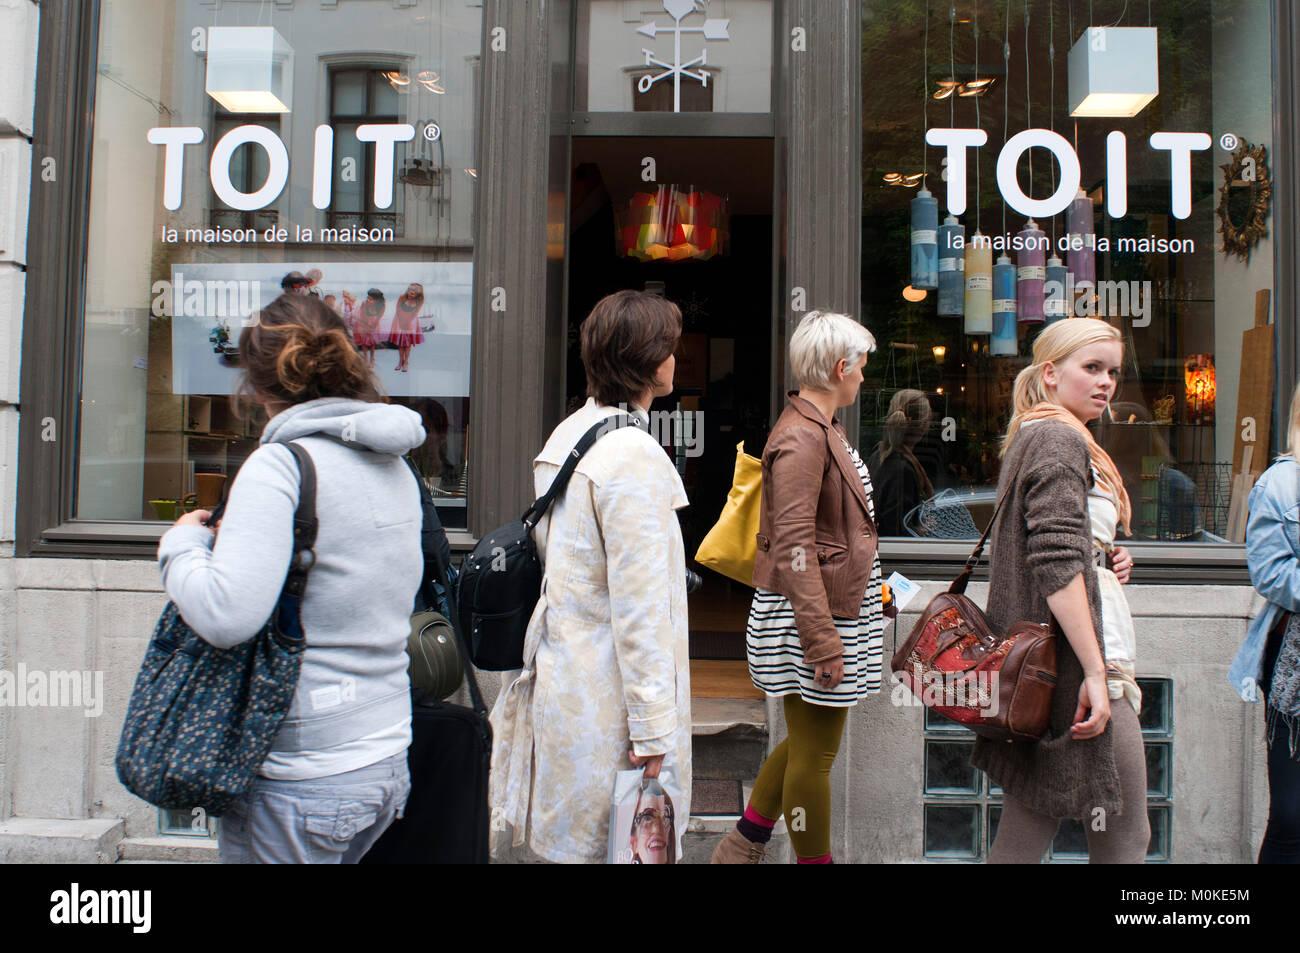 TOIT Products For Home, La Maison De La Maison   Home Decor   Rue Des  Chartreux, Brussels, Belgium